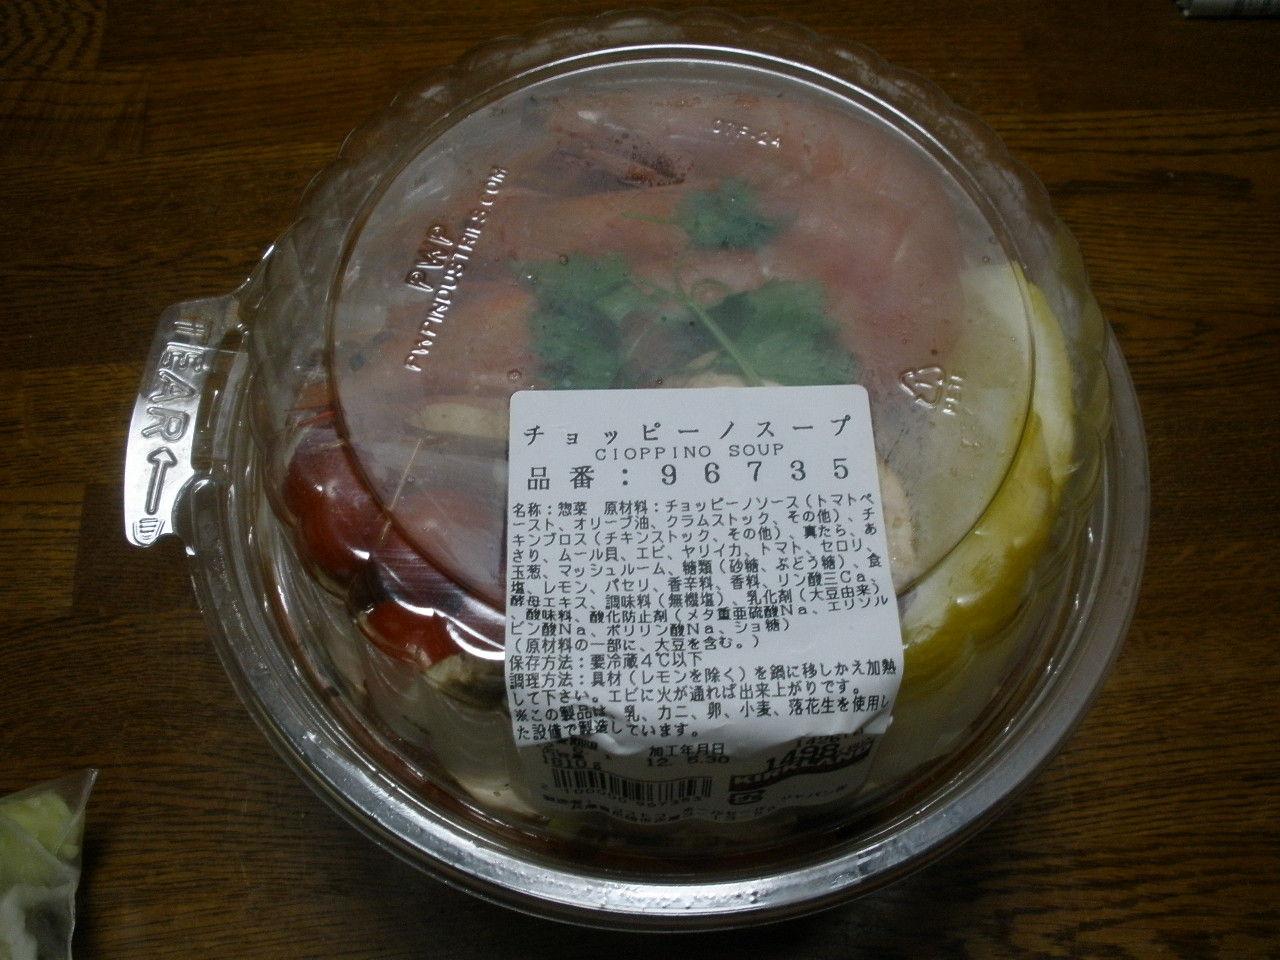 ノ スープ チョッピー